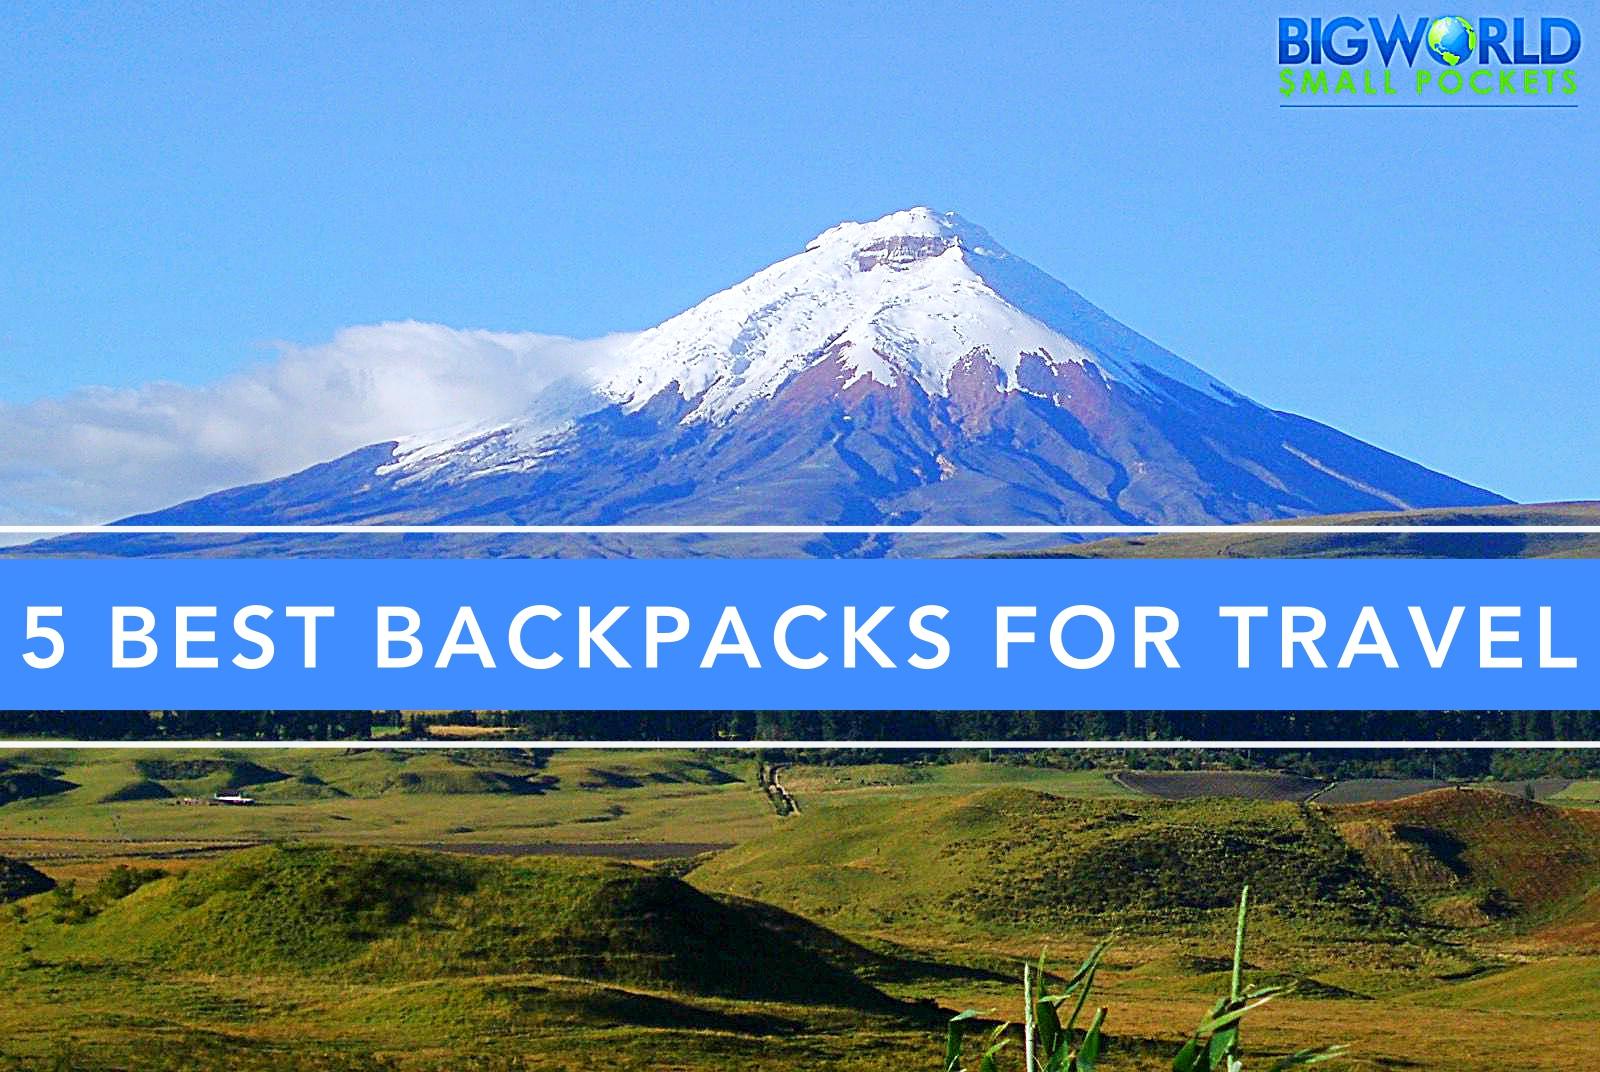 5 Best Backpacks for Travel